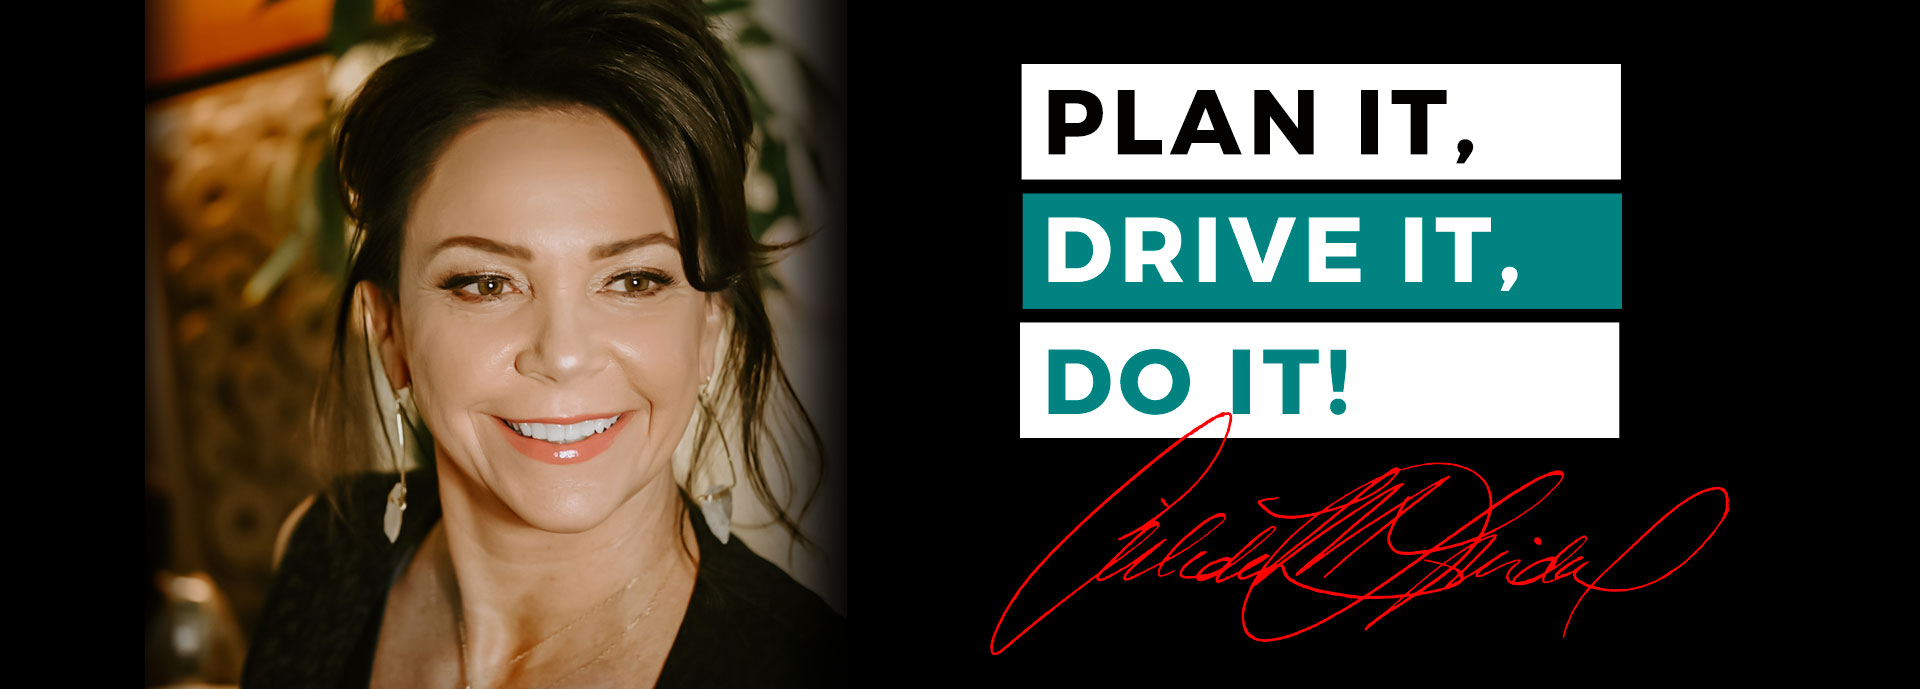 Plan it, Drive it, Do It!